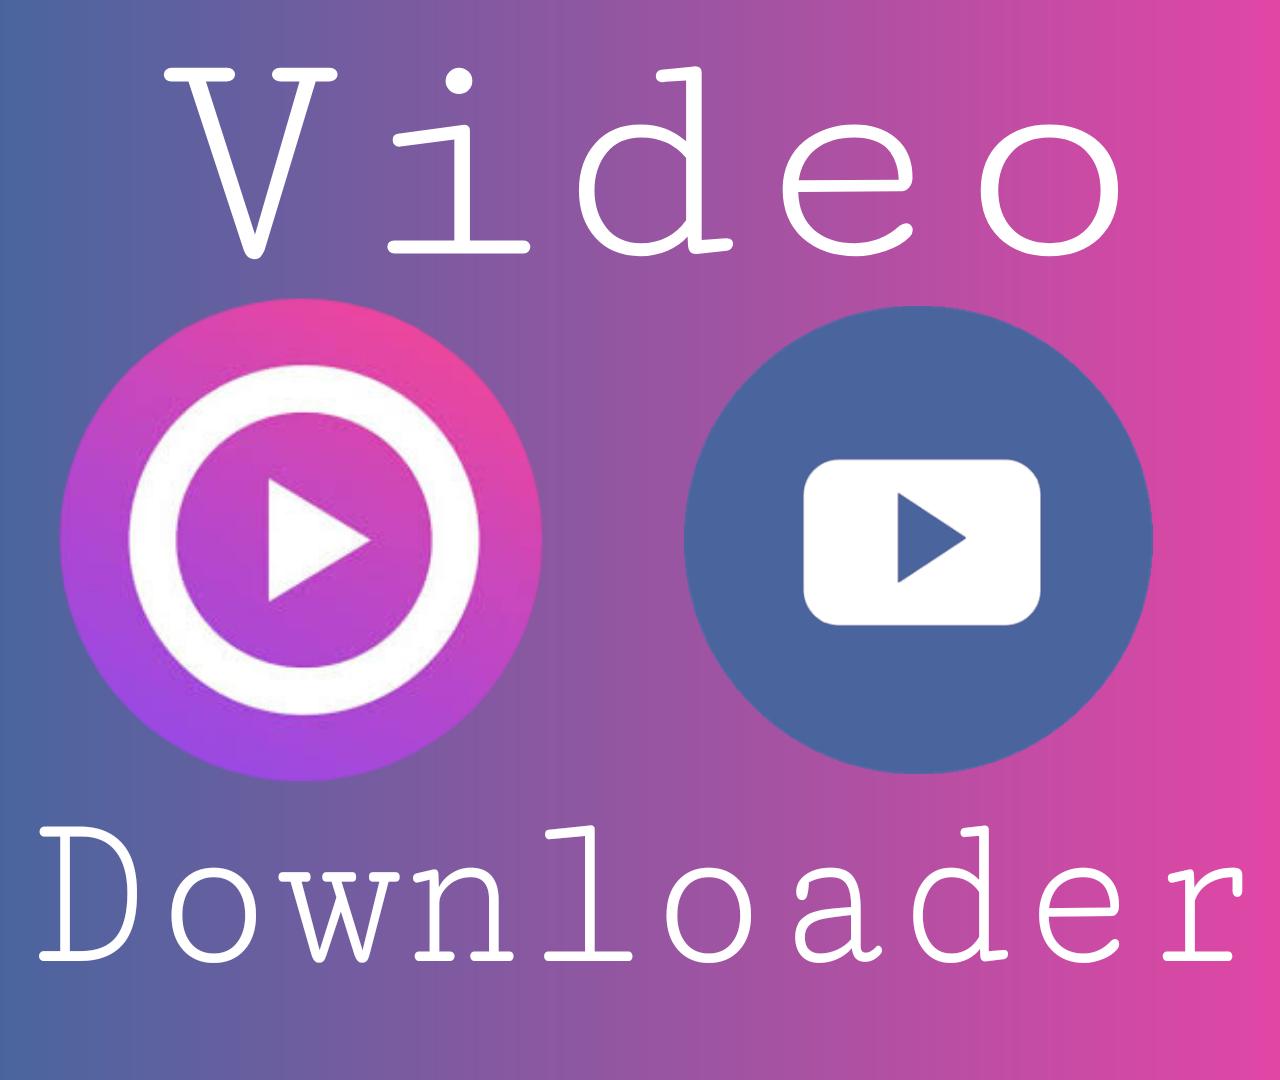 Membuat Facebook Dan Instagram Video Downloader dengan Python